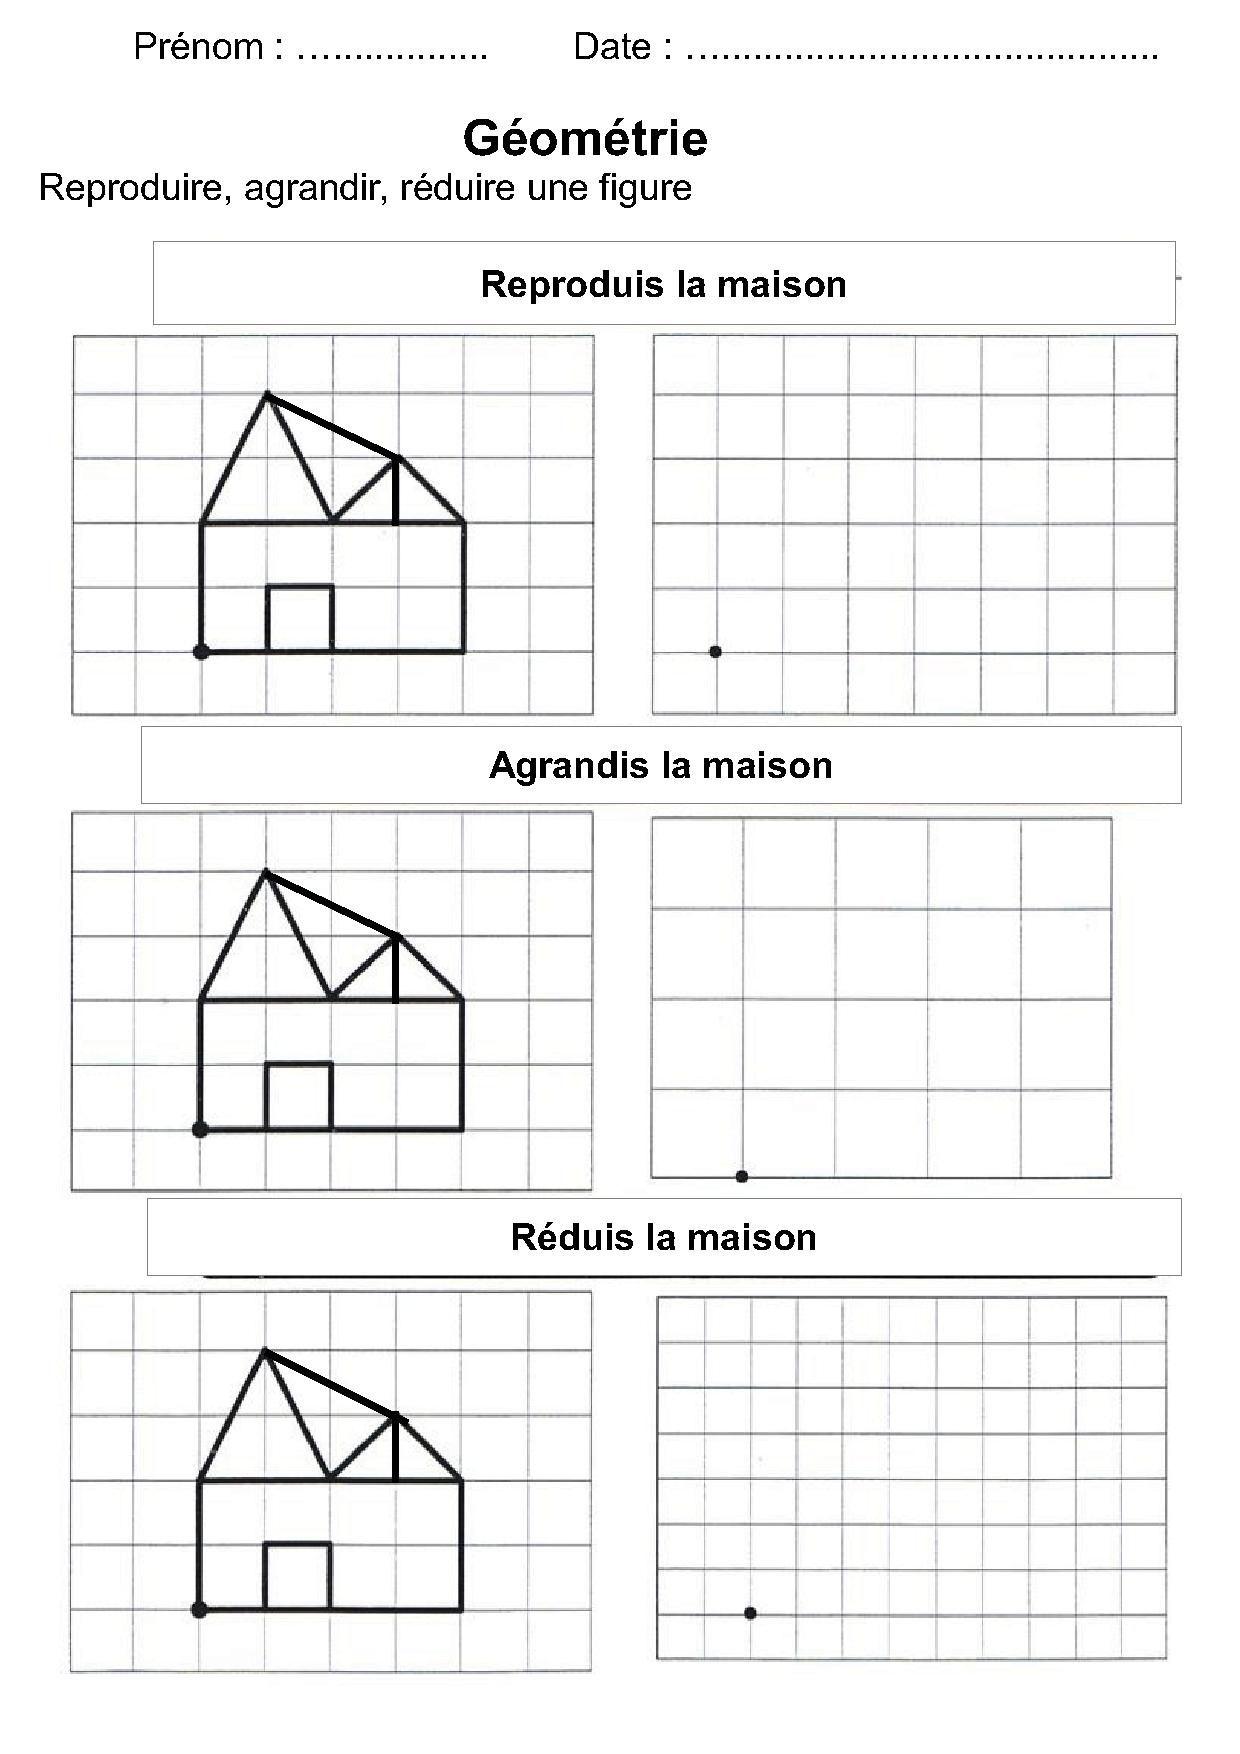 Géométrie Ce1,ce2,la Symétrie,reproduire Une Figure serapportantà Symétrie Quadrillage